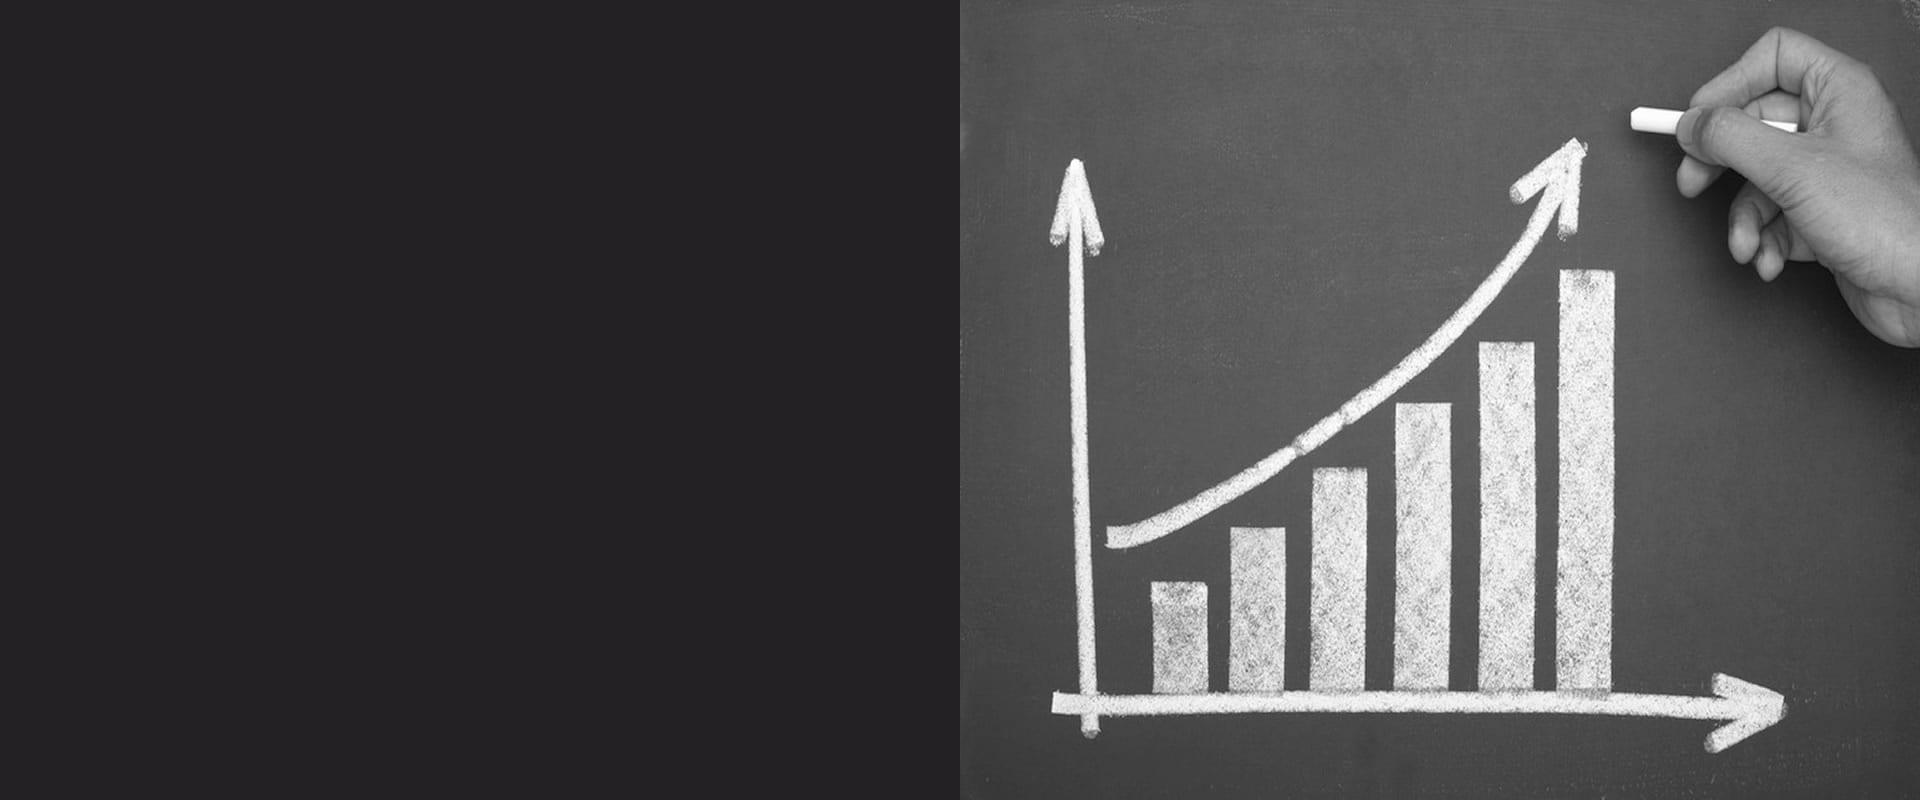 Agência de Criação - Marketing Digital BH | A melhor empresa para crescer é a sua! Que bom ver você por aqui! Agora, vamos lhe mostrar como conseguimos resultados com o marketing digital.